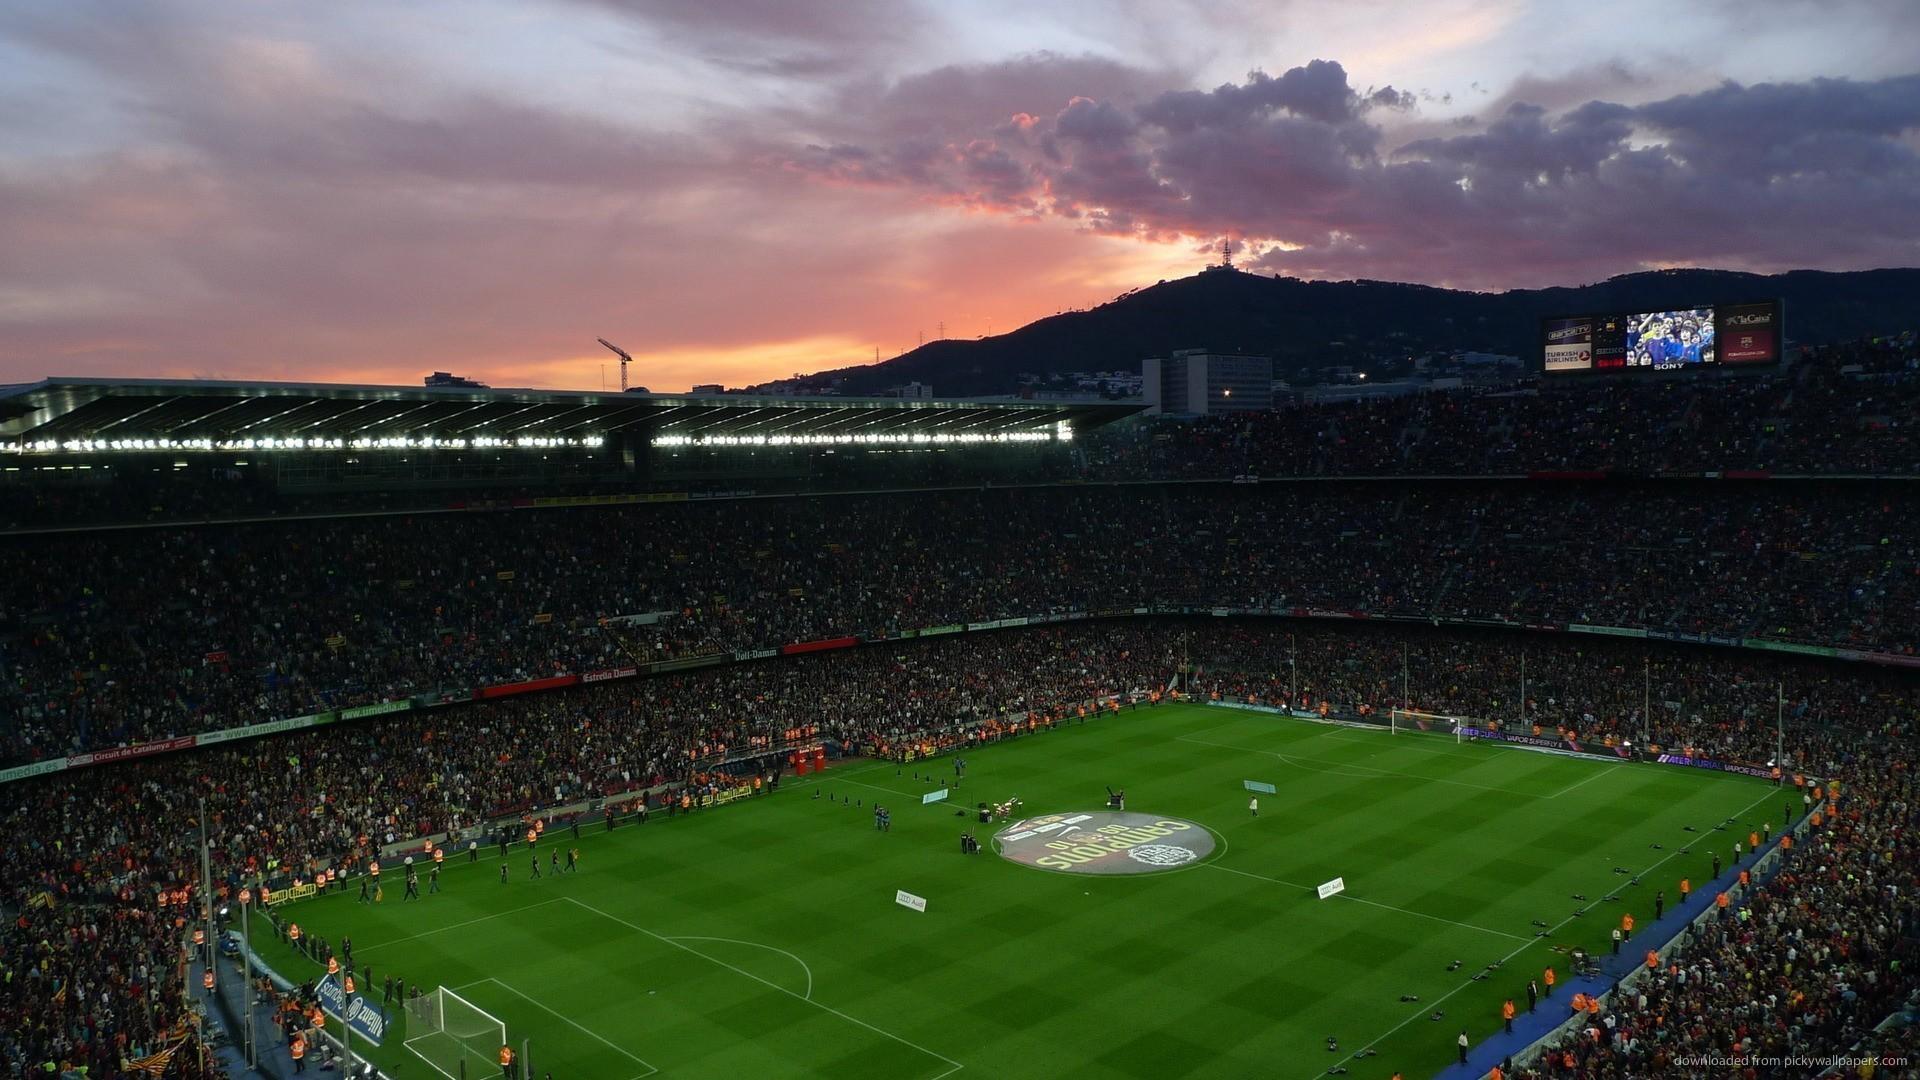 Camp Nou Stadium picture